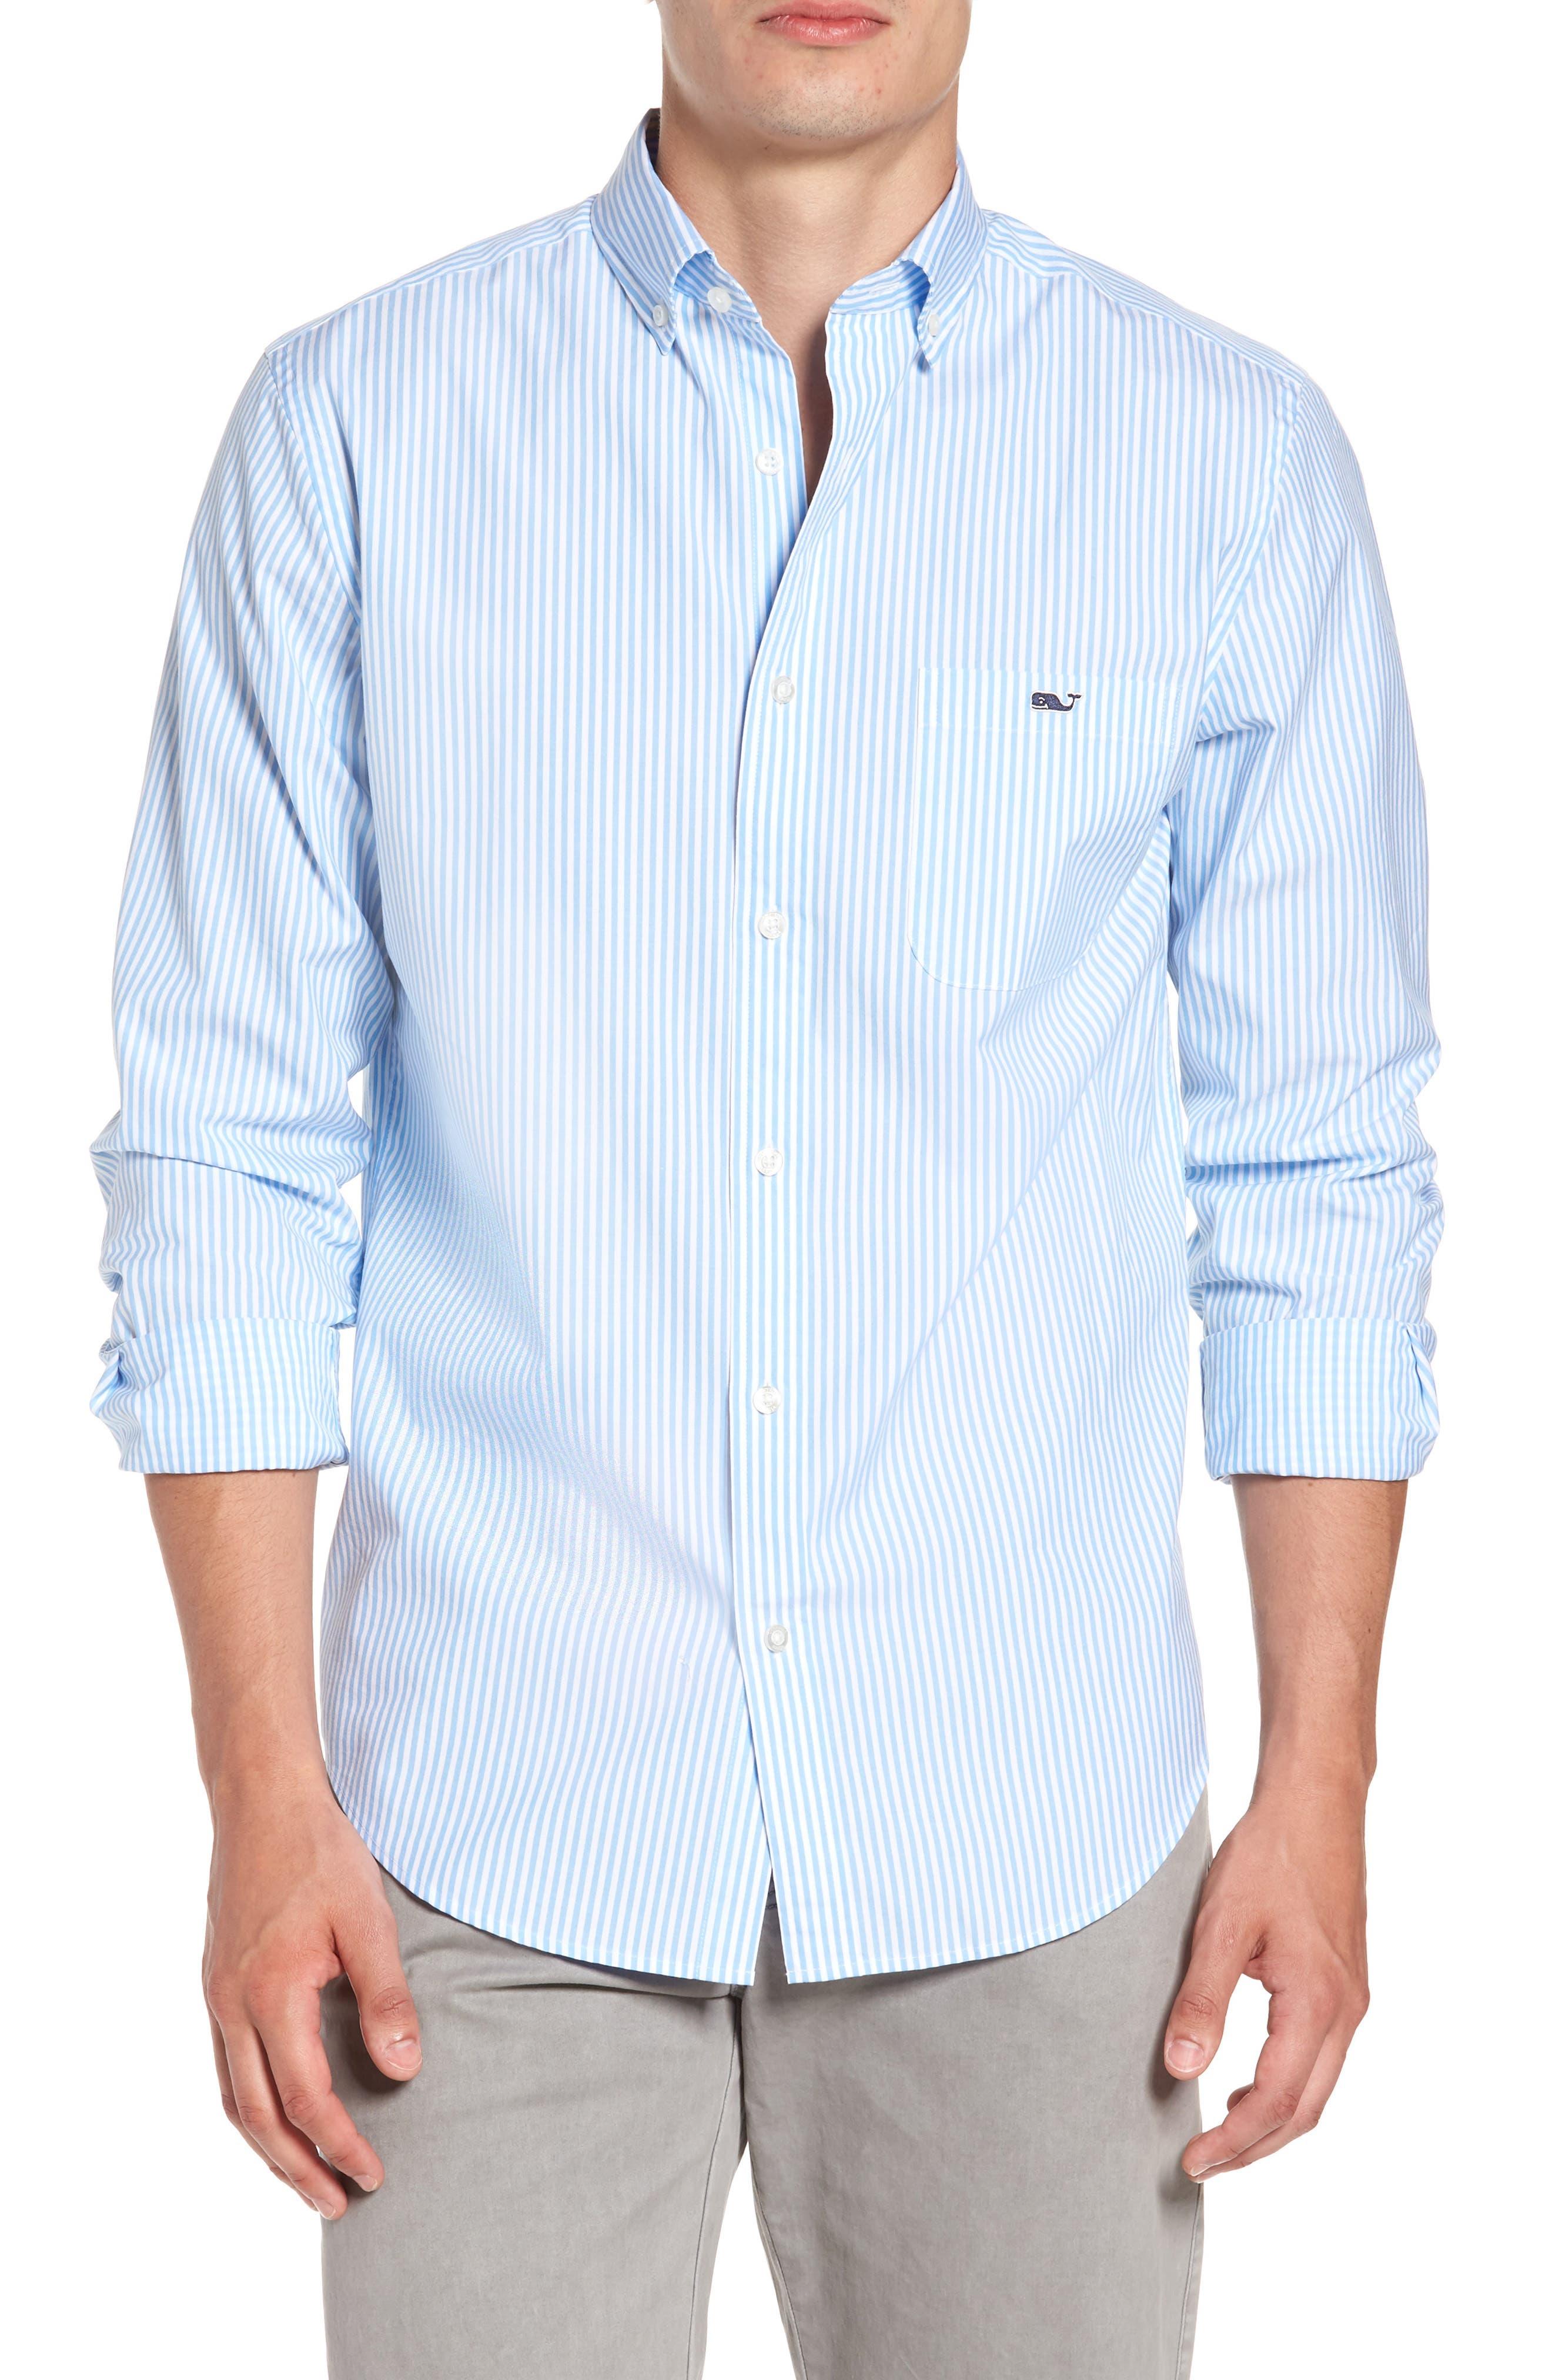 Alternate Image 1 Selected - vineyard vines Swordfish Stripe Tucker Sport Shirt